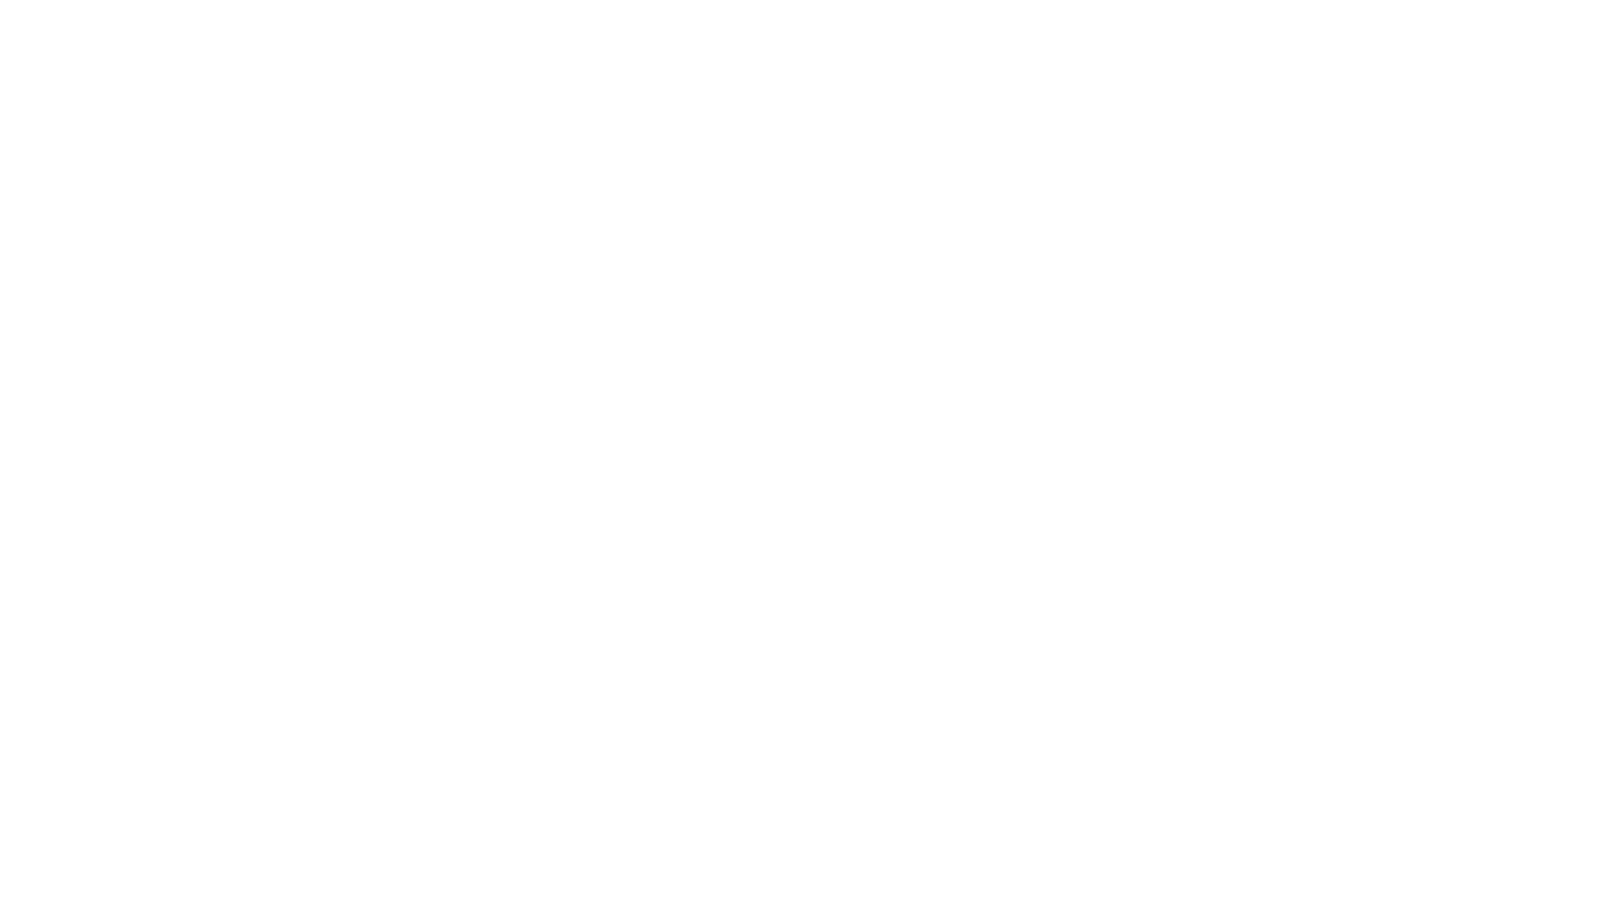 安全美髪毛染め施術 重度かぶれ編① https://youtu.be/A0nDr3MPOrs 安全美髪毛染め施術 重度かぶれ編② https://youtu.be/TwRehtWmk_g  安全美髪毛染めの施術に欠かせない「中和作業」後の「有害成分除去作業」をご紹介します。 毛染め後に起きる色抜け、パサツキ、髪やせなどは一般的トリートメントをしても解消しません。  むしろ、中和作業をしないで、プラスメニューのトリートメントを勧められて、料金が割り増しになり、自宅に帰り数回洗うと色が抜けたり、髪がパサついたりするのは、施術後の適正な処置がされていないことがほとんどの原因です。  毛染め後にはしっかりとした処置をすれば、トリートメントなどしなくても、シャンプーで大丈夫です。  今回の内容 🔴有害成分除去作業  🌟毛染めに関連する質問又は動画作成の希望をコメント欄に投稿下さい❕ 可能な限り、質問や要望にお応えしたいと思います。  ▼人美人(HIMITO) https://www.himito.com/ ▼危険な毛染めについて https://www.himito.com/?page_id=730 ▼安全美髪毛染めについて https://www.himito.com/?page_id=189 ▼全国の安全美髪推奨サロン https://www.himito.com/?page_id=31  撮影:2021年4月17日  札幌市西区琴似1条5丁目4-10 シティ・ラ・デファンス2階 ブルーヘアー HIMITOマーケティング事業部 詳しくはホームページをご覧ください。  #毛染め #ヘアーカラー #美容室 #美容師 #髪染め #かぶれ #かゆみ #ブルーヘアー #カラーグレス #安全 #危険 #ヘアーカラートリートメント #イルミナルカラー #ヘナ #泡カラー #アナフィラキシー #中和 #退色 #化学物質 #ジアミン